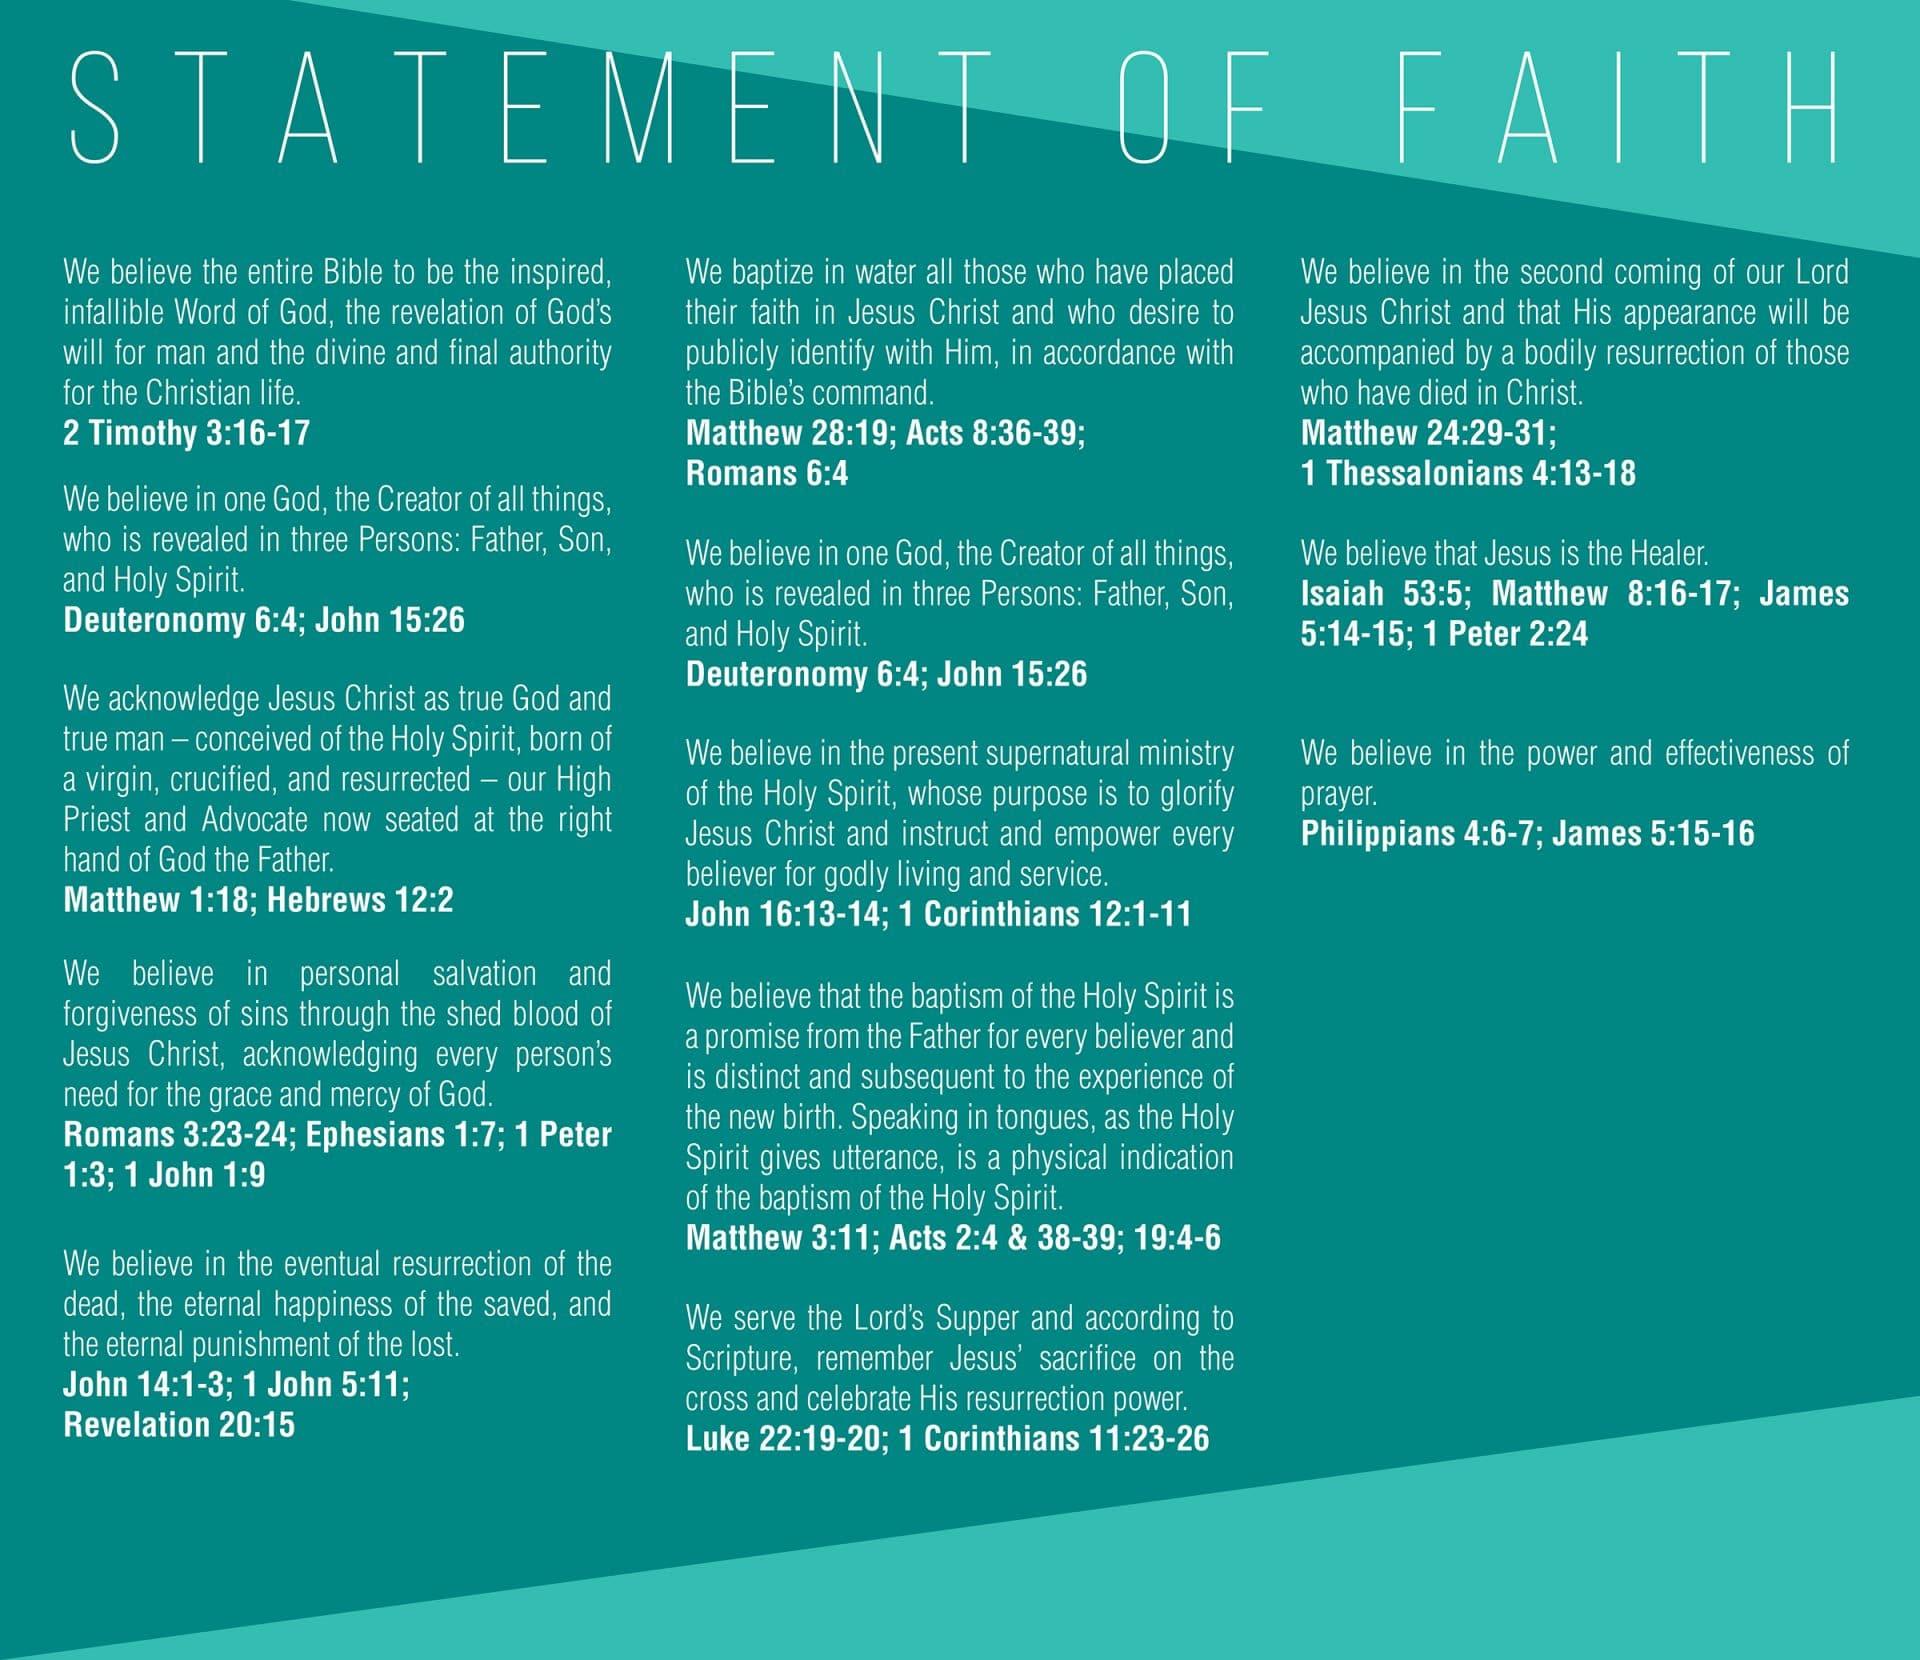 STATEMENT-OF-FAITH-01